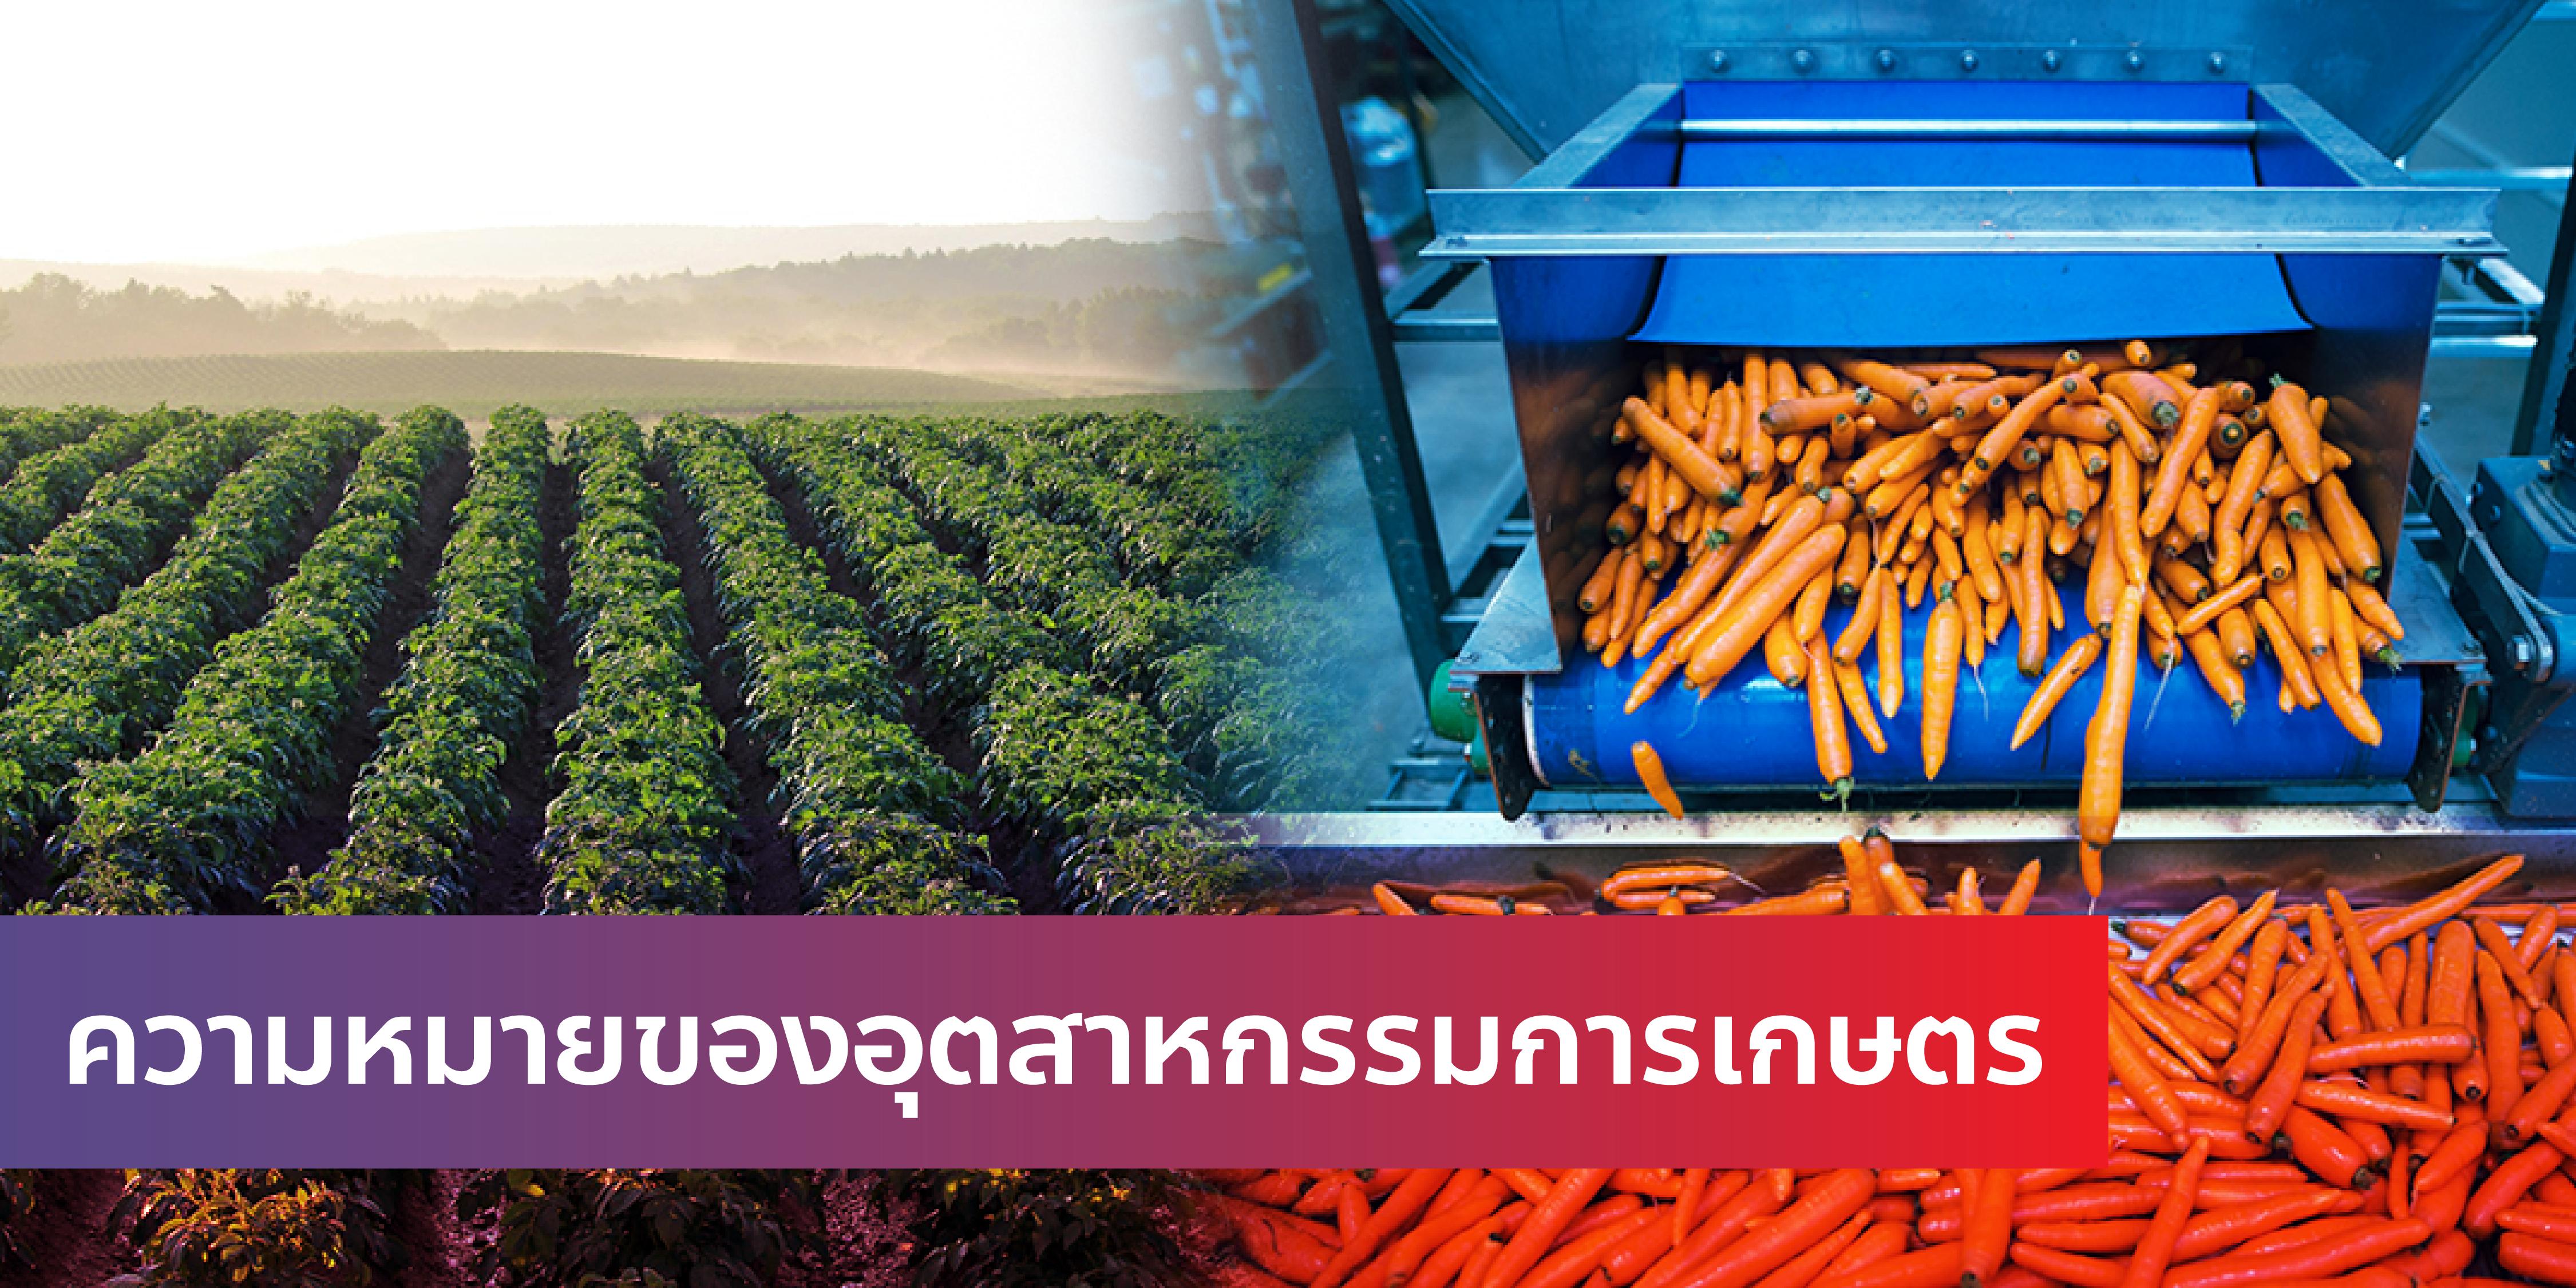 ความหมายของอุตสาหกรรมการเกษตร